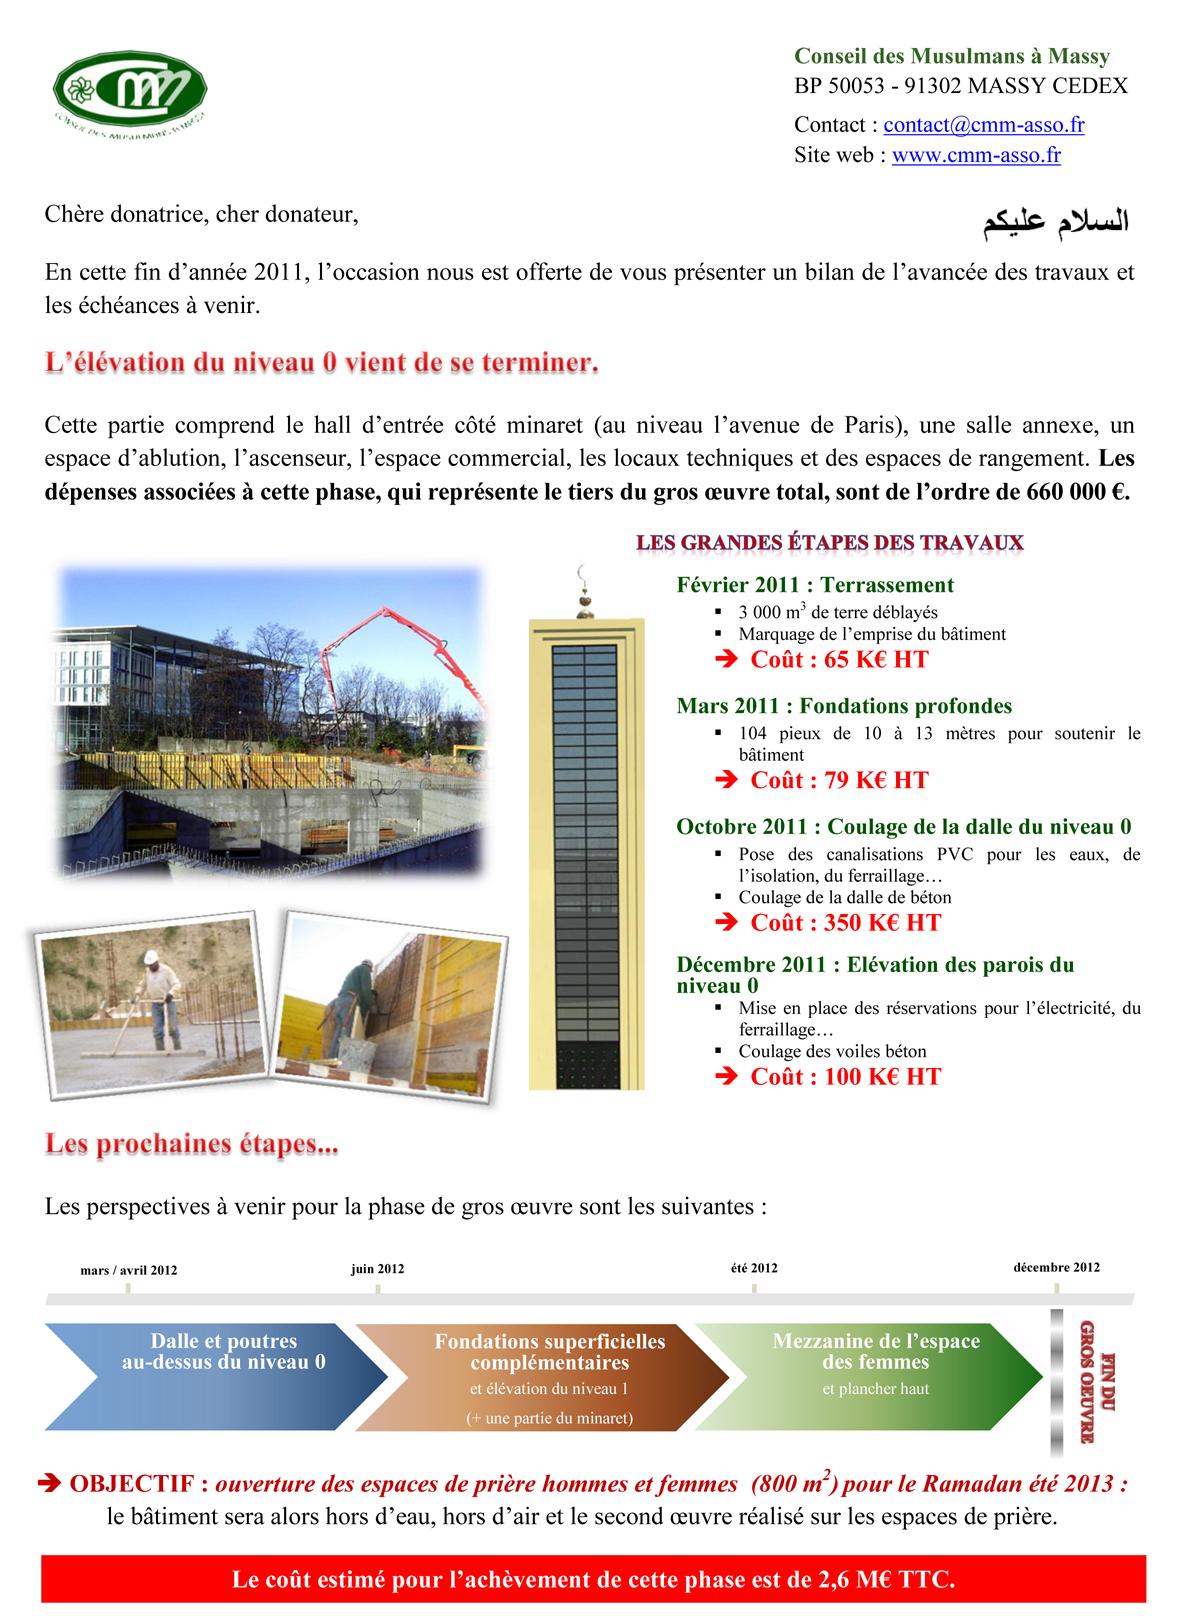 Lettre d'informations sur la construction de la mosquée - page 1